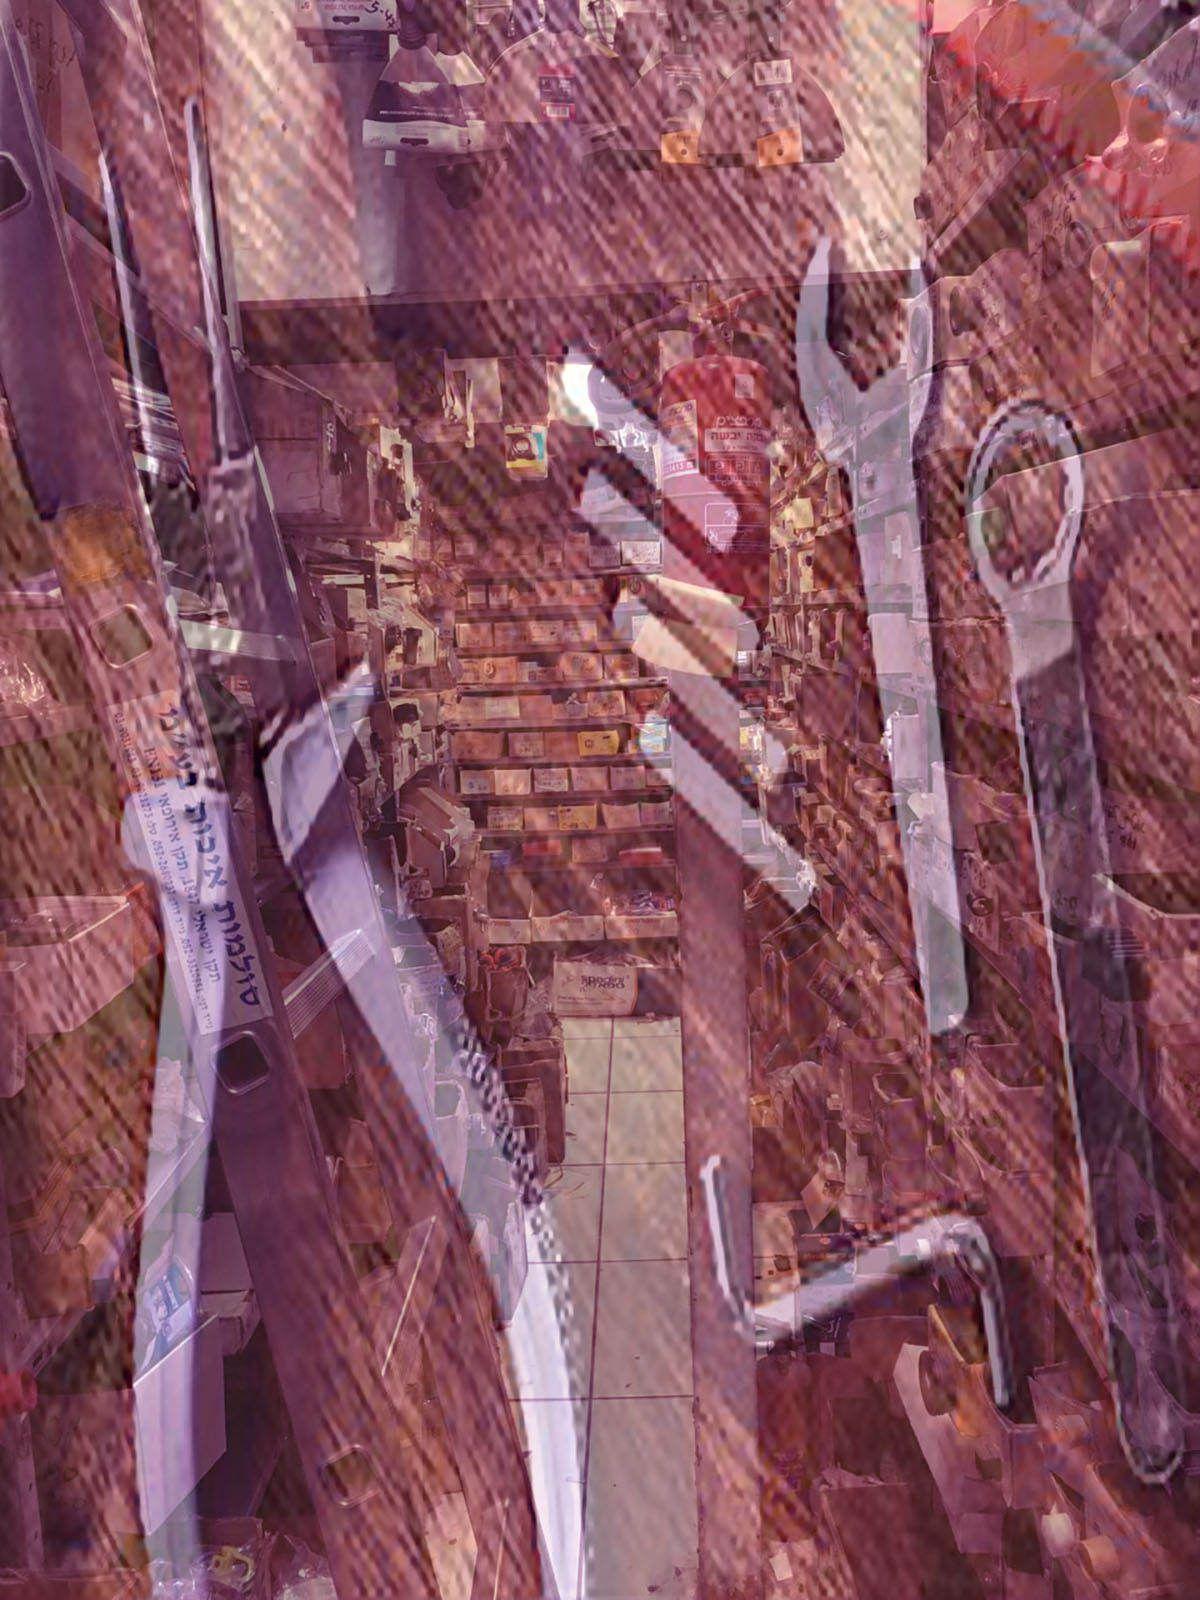 https://flic.kr/p/MF6Z8p | חומרי בניין - חומרים לבנייה tamburia.co.il | חומרי בניין - חומרים לבנייה tamburia.co.il ראו מחירונים באתר